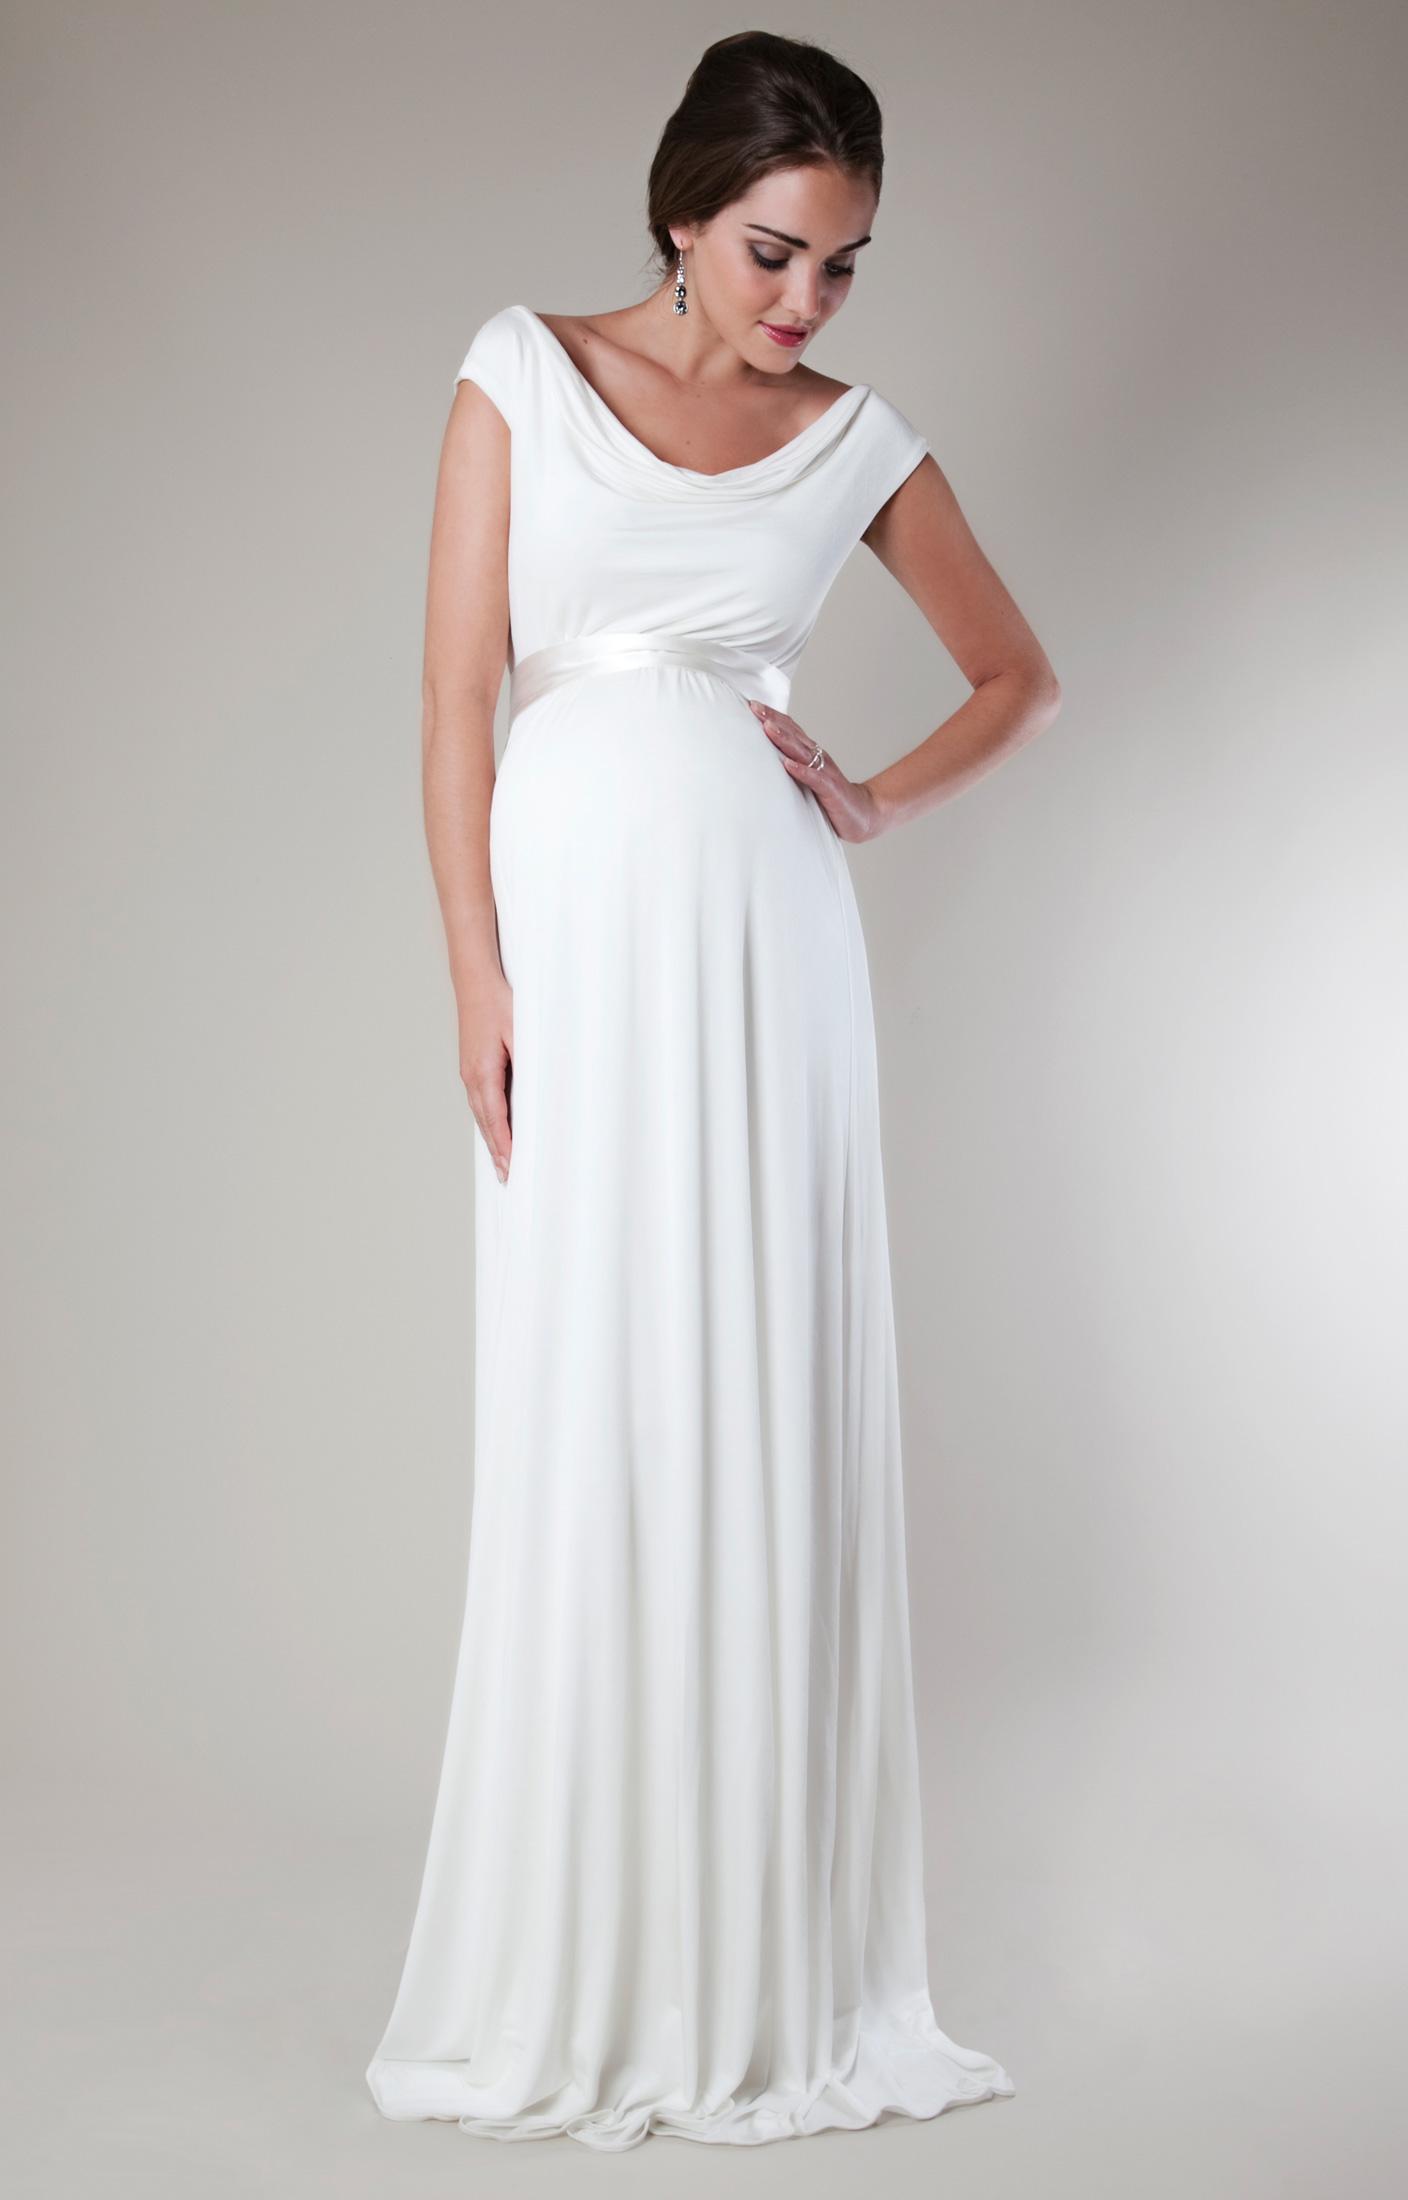 Liberty Hochzeitskleid (Elfenbein) - Umstandshochzeitskleider ...